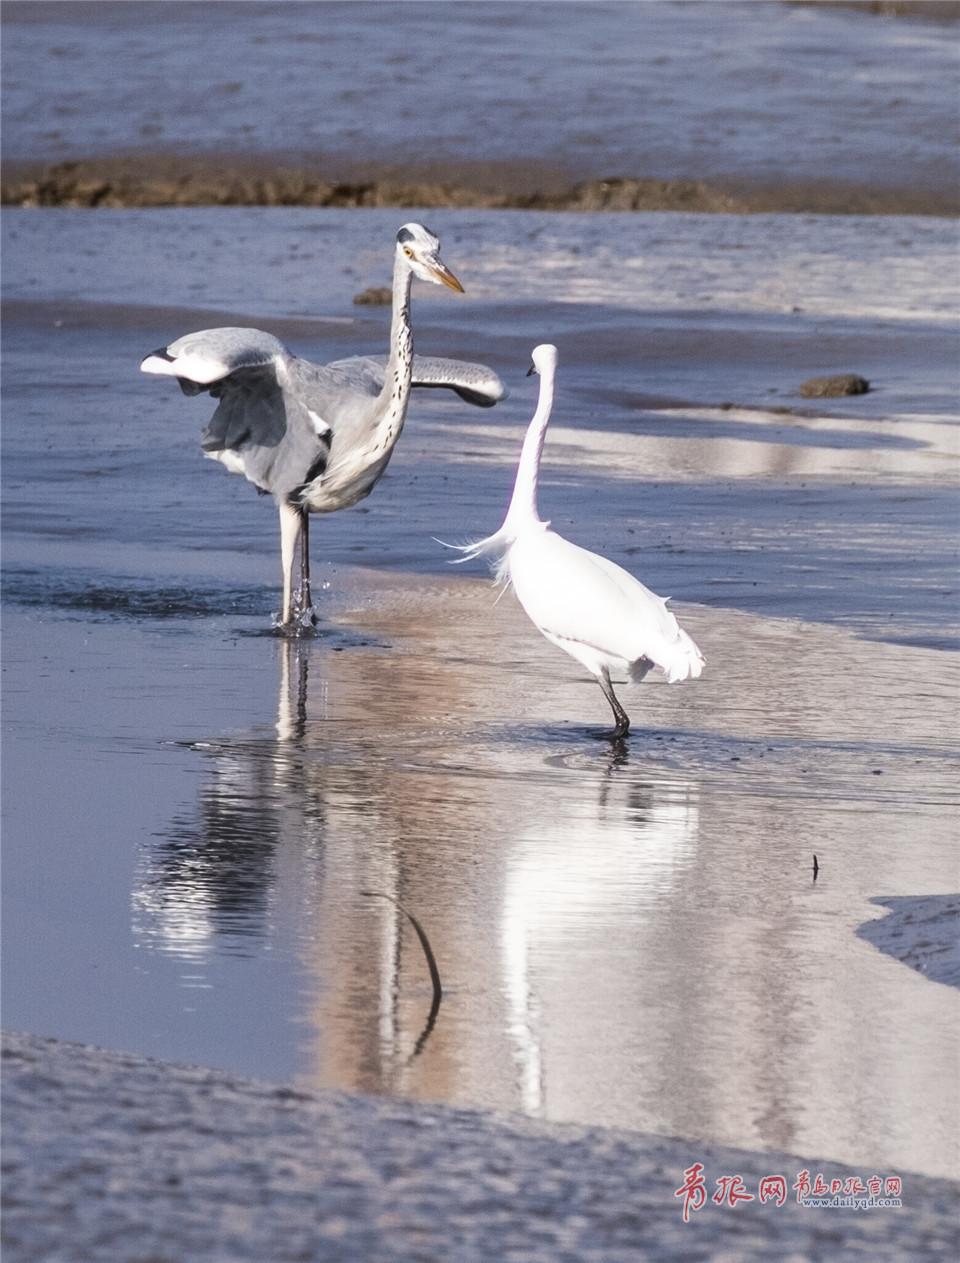 在几年前,这里却是河道干涸、污水横流。如今,经过整治的墨水河河水清澈、水量充沛,不时有水鸟在水中嬉戏,静谧而又美好。